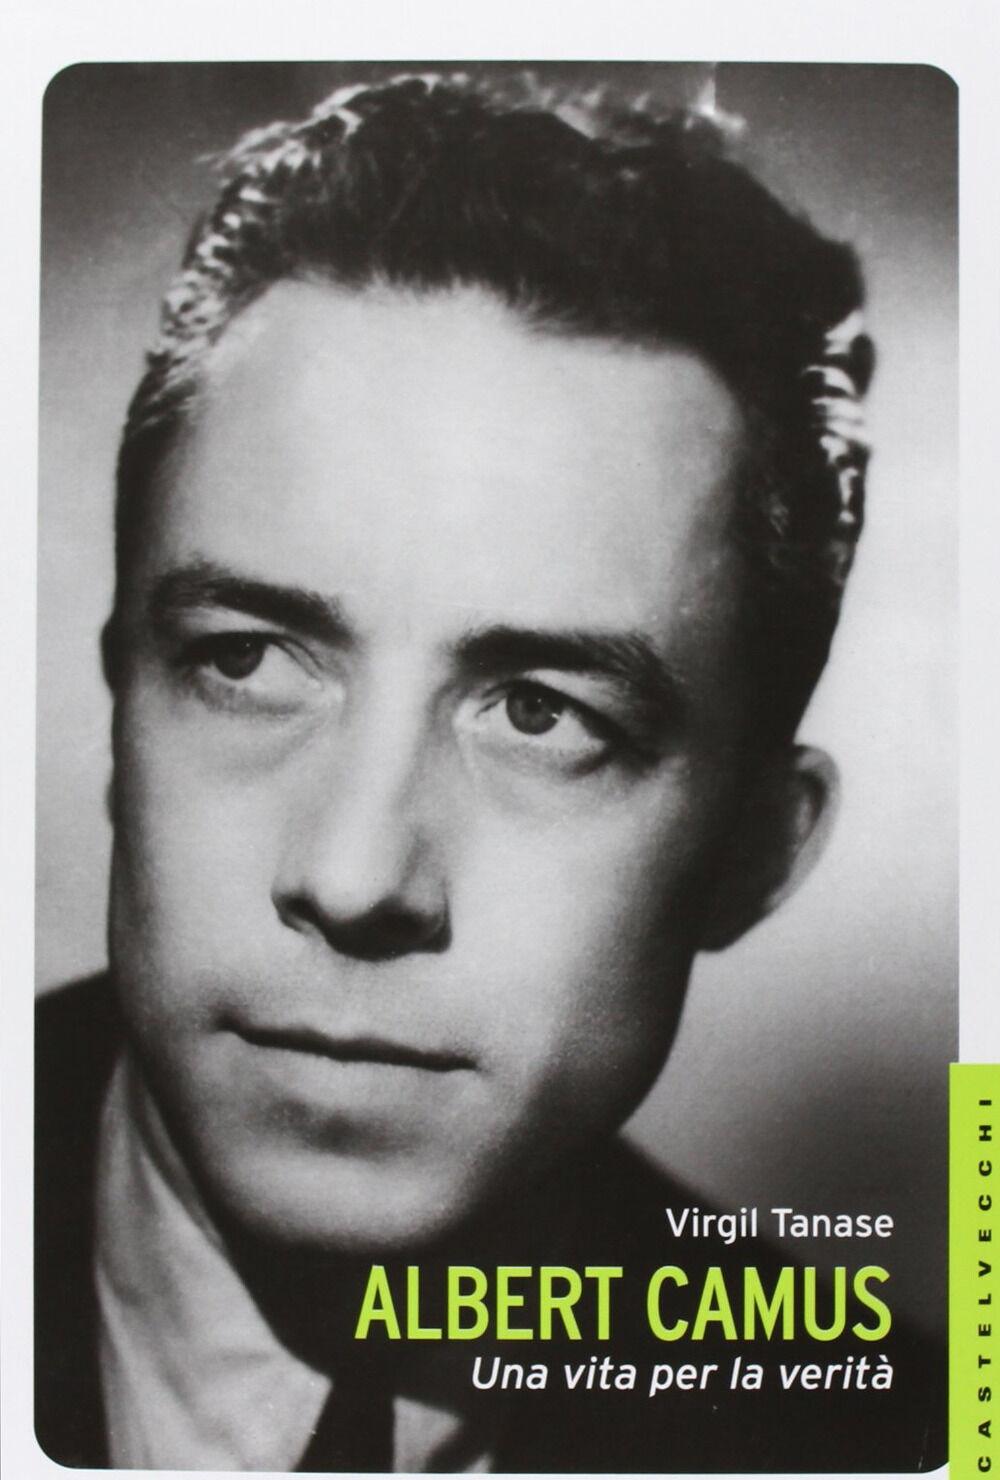 Albert Camus. Una vita per la verità